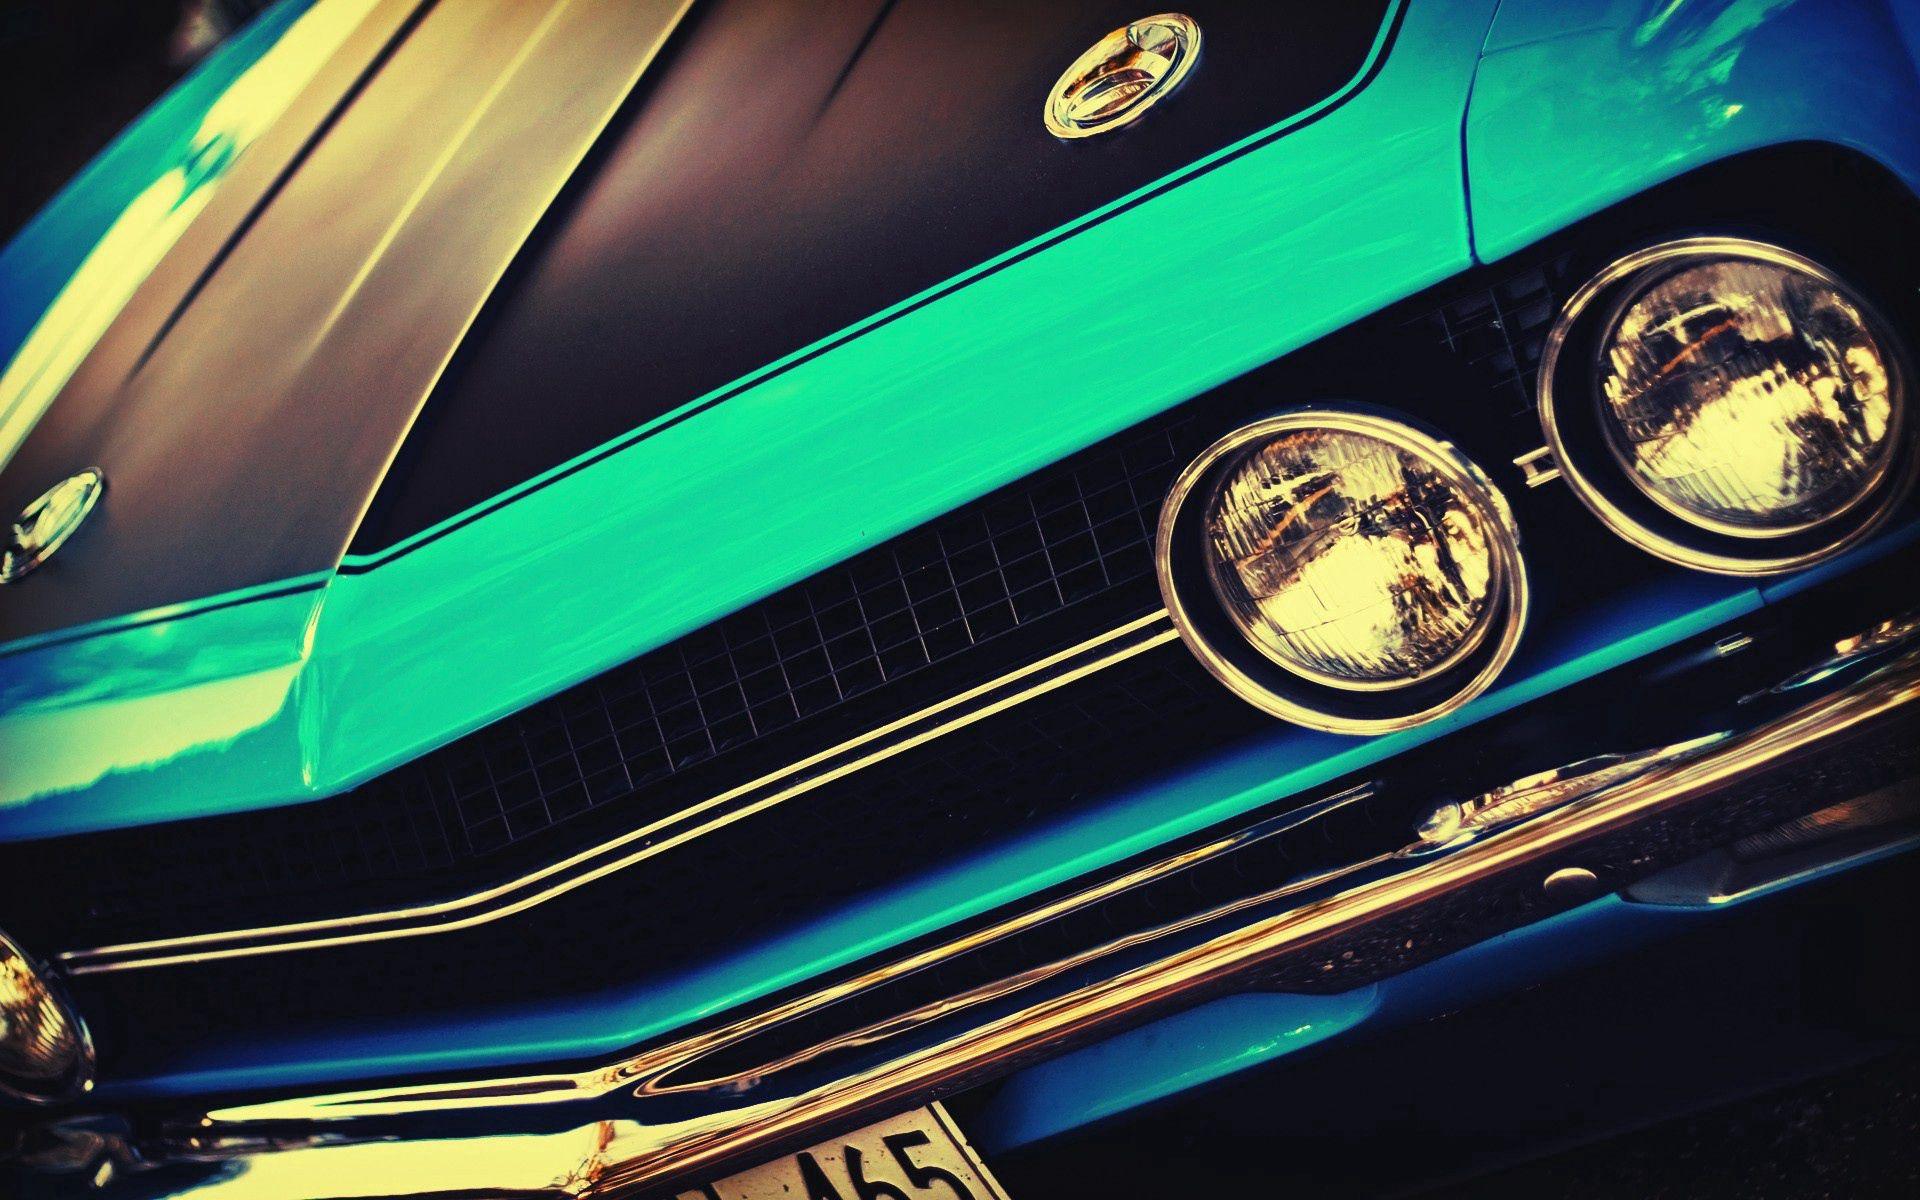 146936 Заставки и Обои Фары на телефон. Скачать Тачки (Cars), Фары, Передний Бампер, Muscle Car, Challenger, Classic Car, Street Rod картинки бесплатно